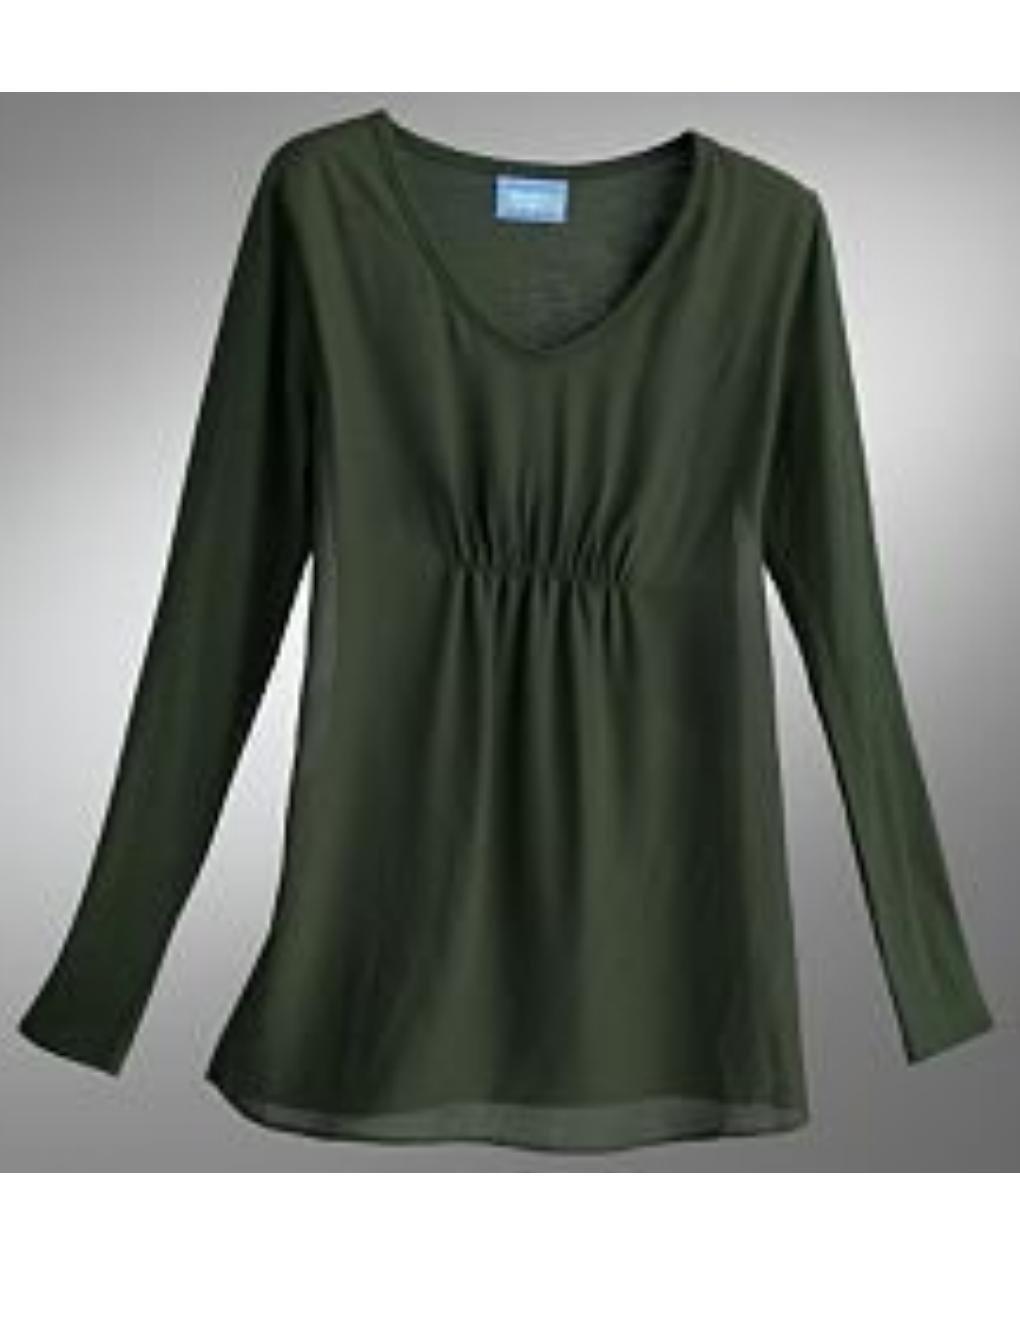 Vera Wang Ruched Chiffon Top or Shirt Long Sleeves Green Sz. Small NEW